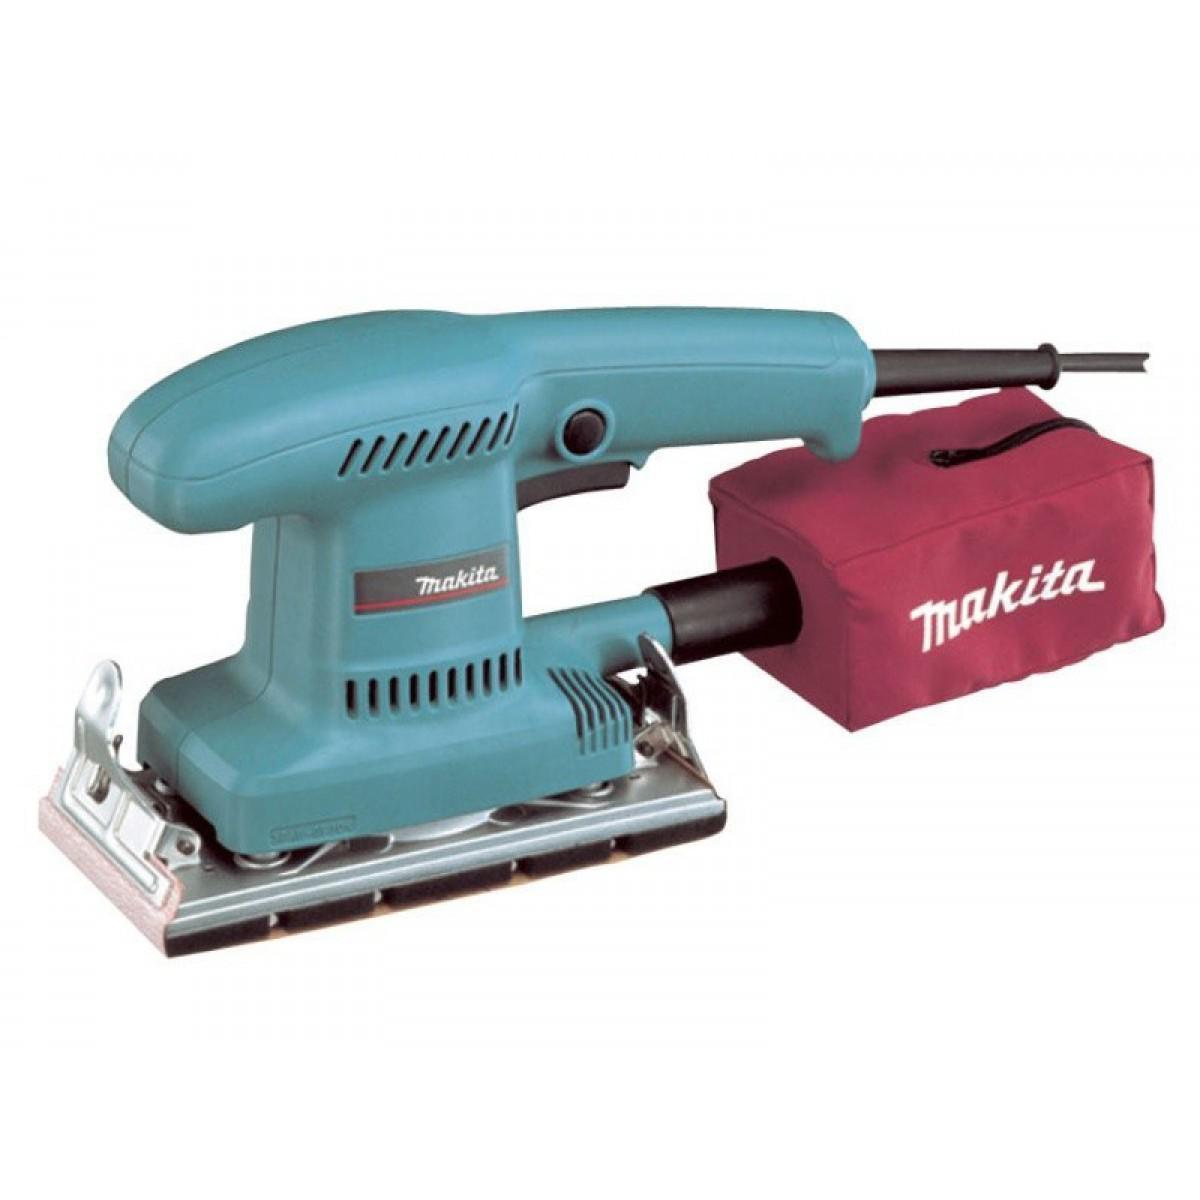 Машинка шлифовальная плоская (вибрационная) Makita Bo3700 машинка шлифовальная плоская вибрационная bosch gss 23 ae 0 601 070 721